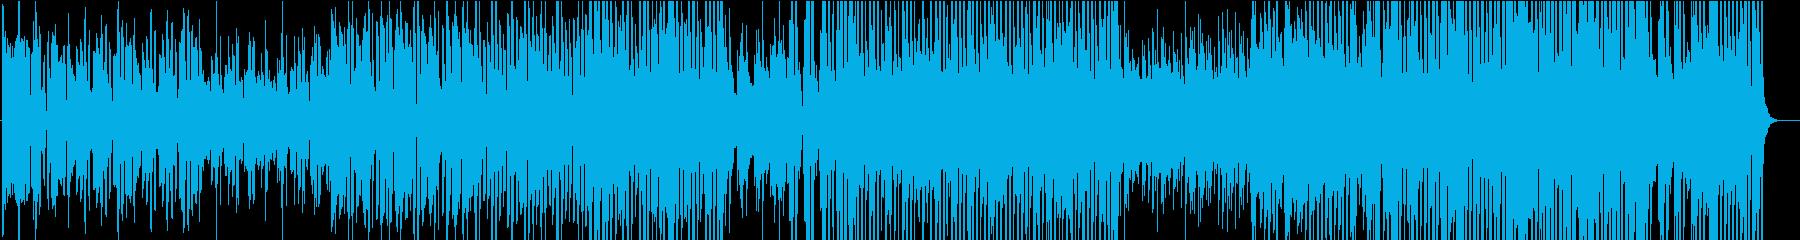 少し陽気に踊るようなケルト風な曲の再生済みの波形